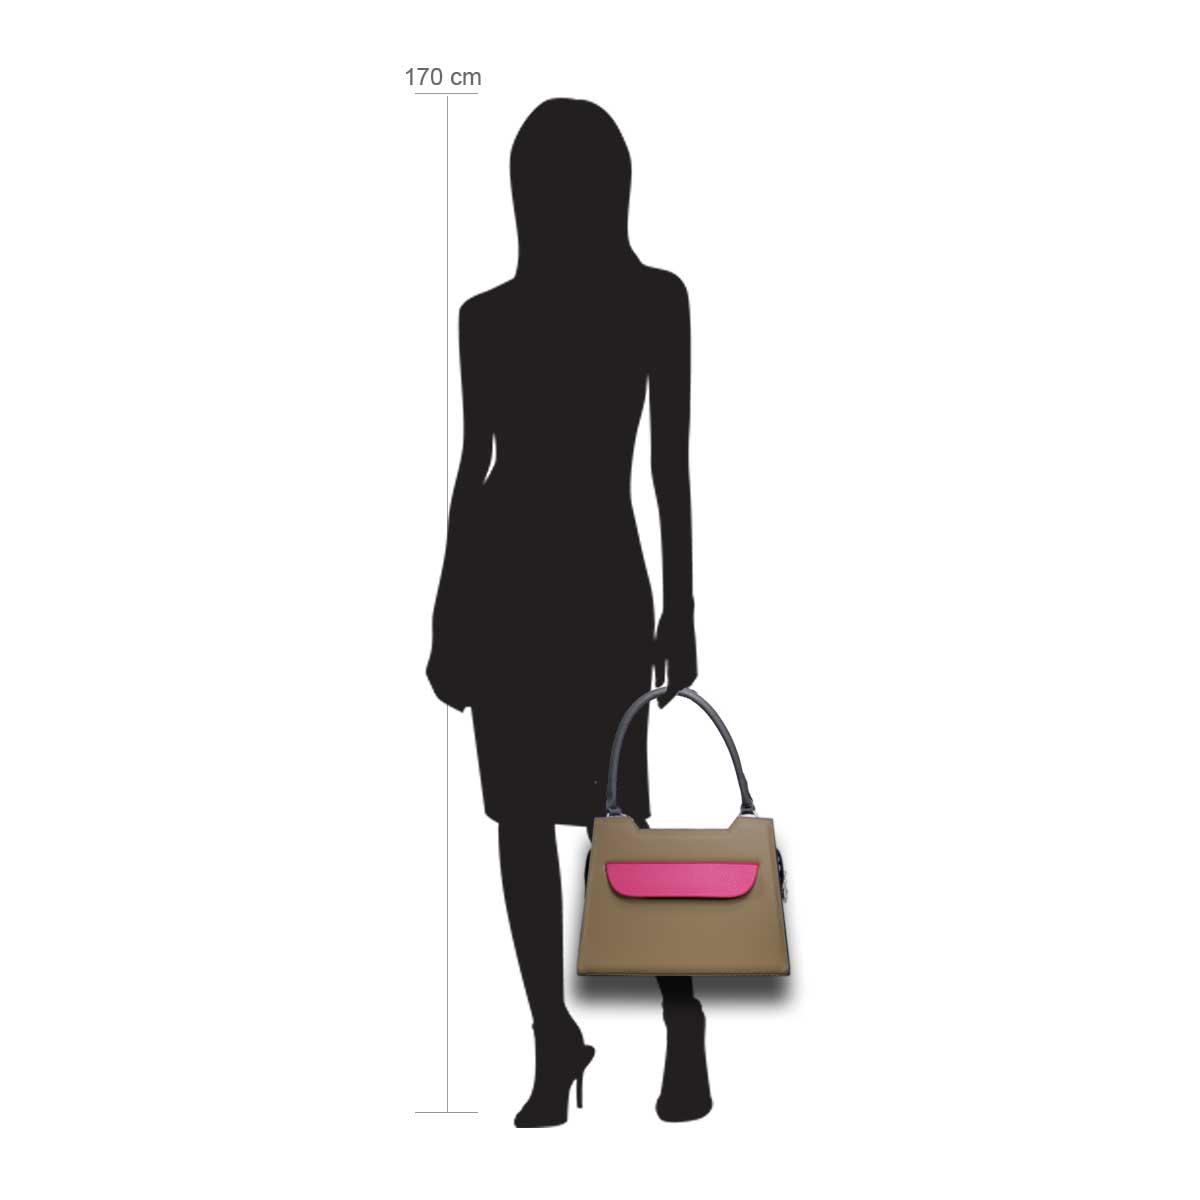 Puppe 170 cm groß zeigt die Taschengröße an . Modell:Lissabon brau pink